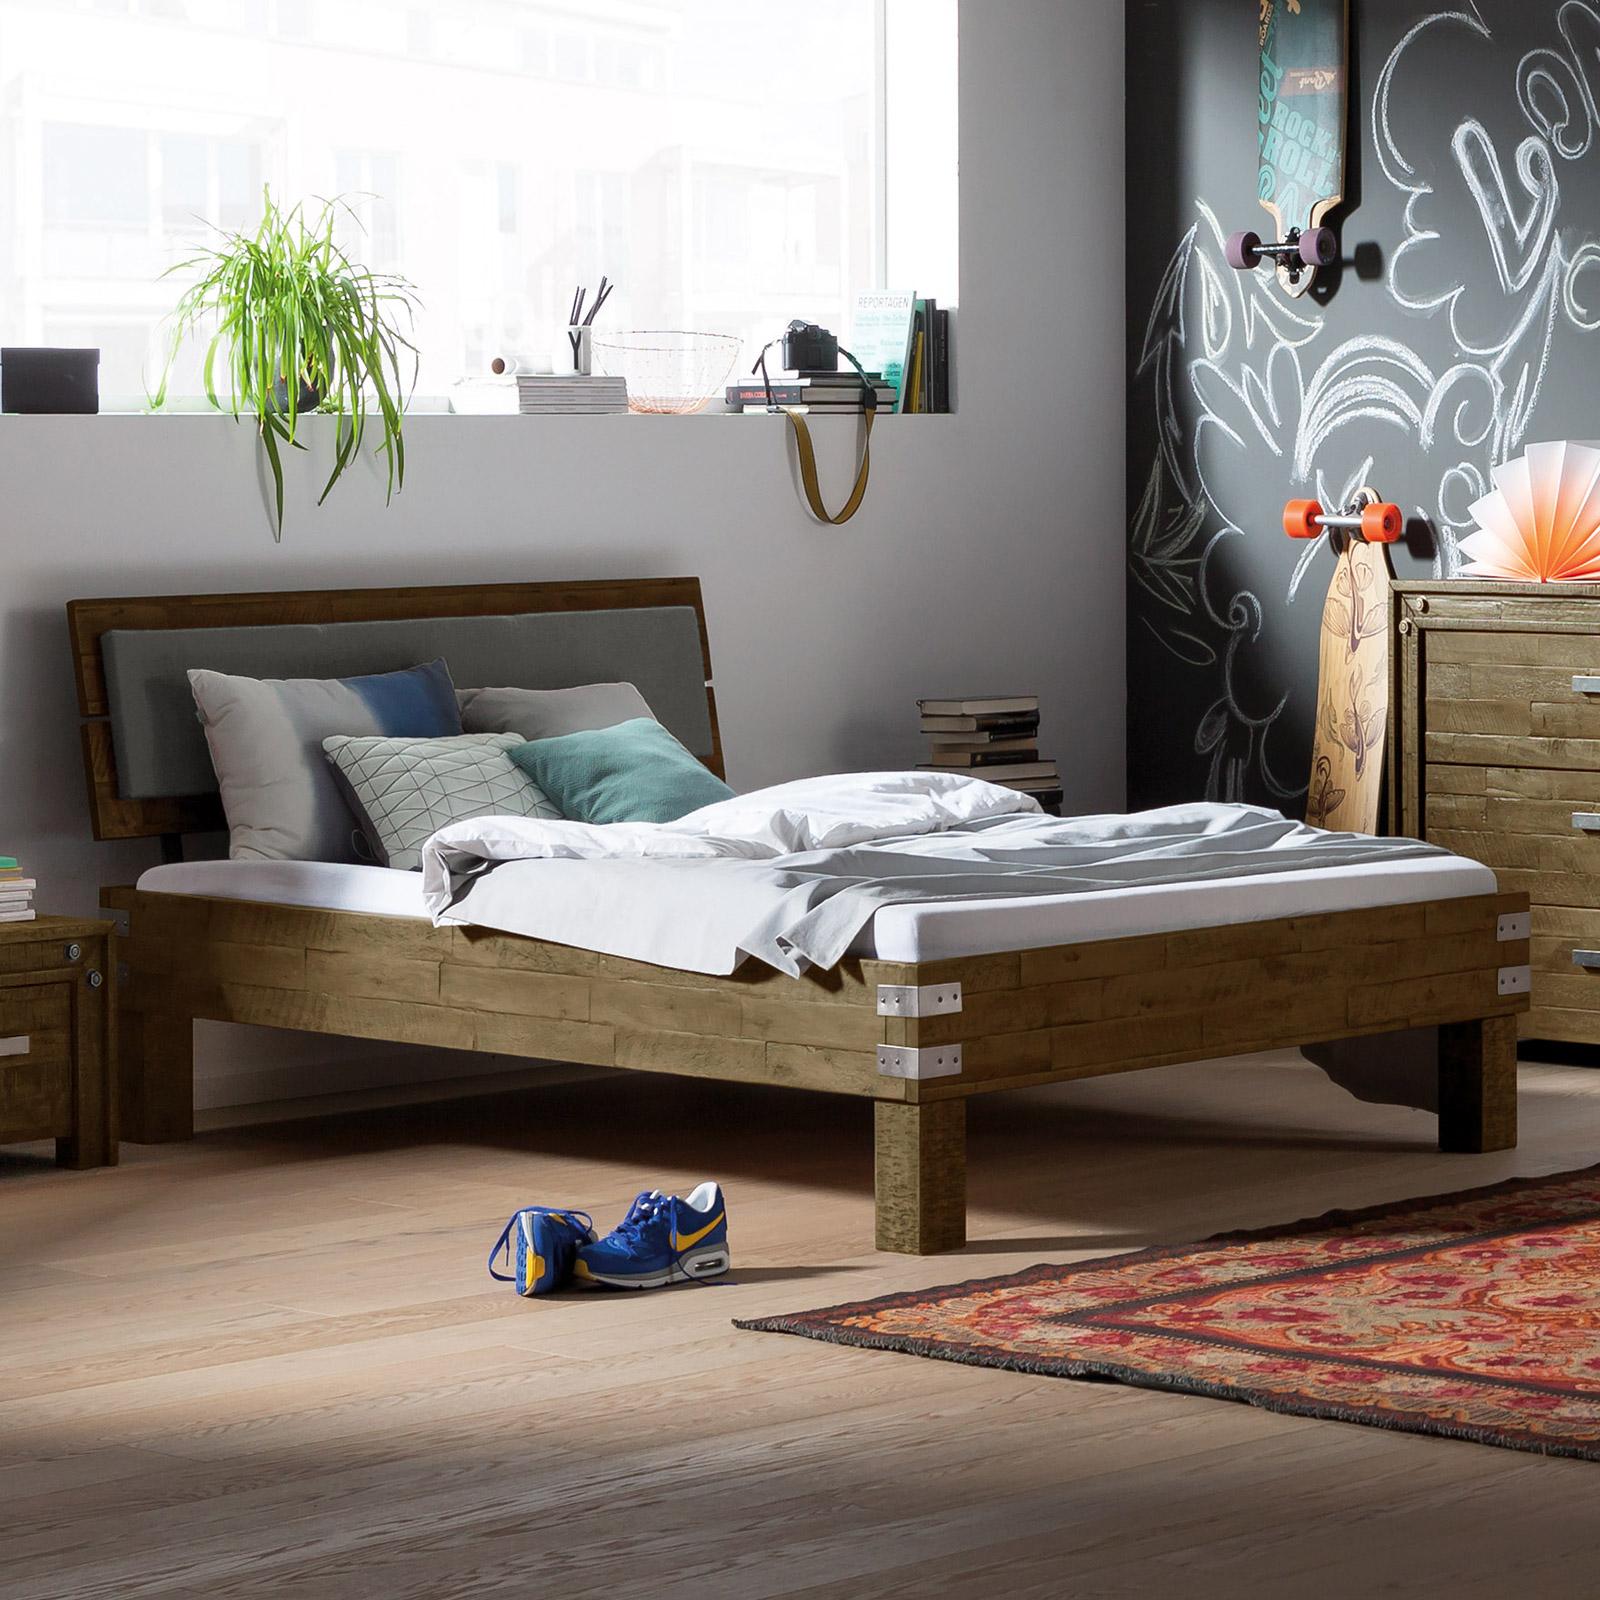 Full Size of Jugend Betten Moderne Jugendbetten In 140x200 Cm Im Bettenat Dänisches Bettenlager Badezimmer Wohnzimmer Stapelbetten Dänisches Bettenlager